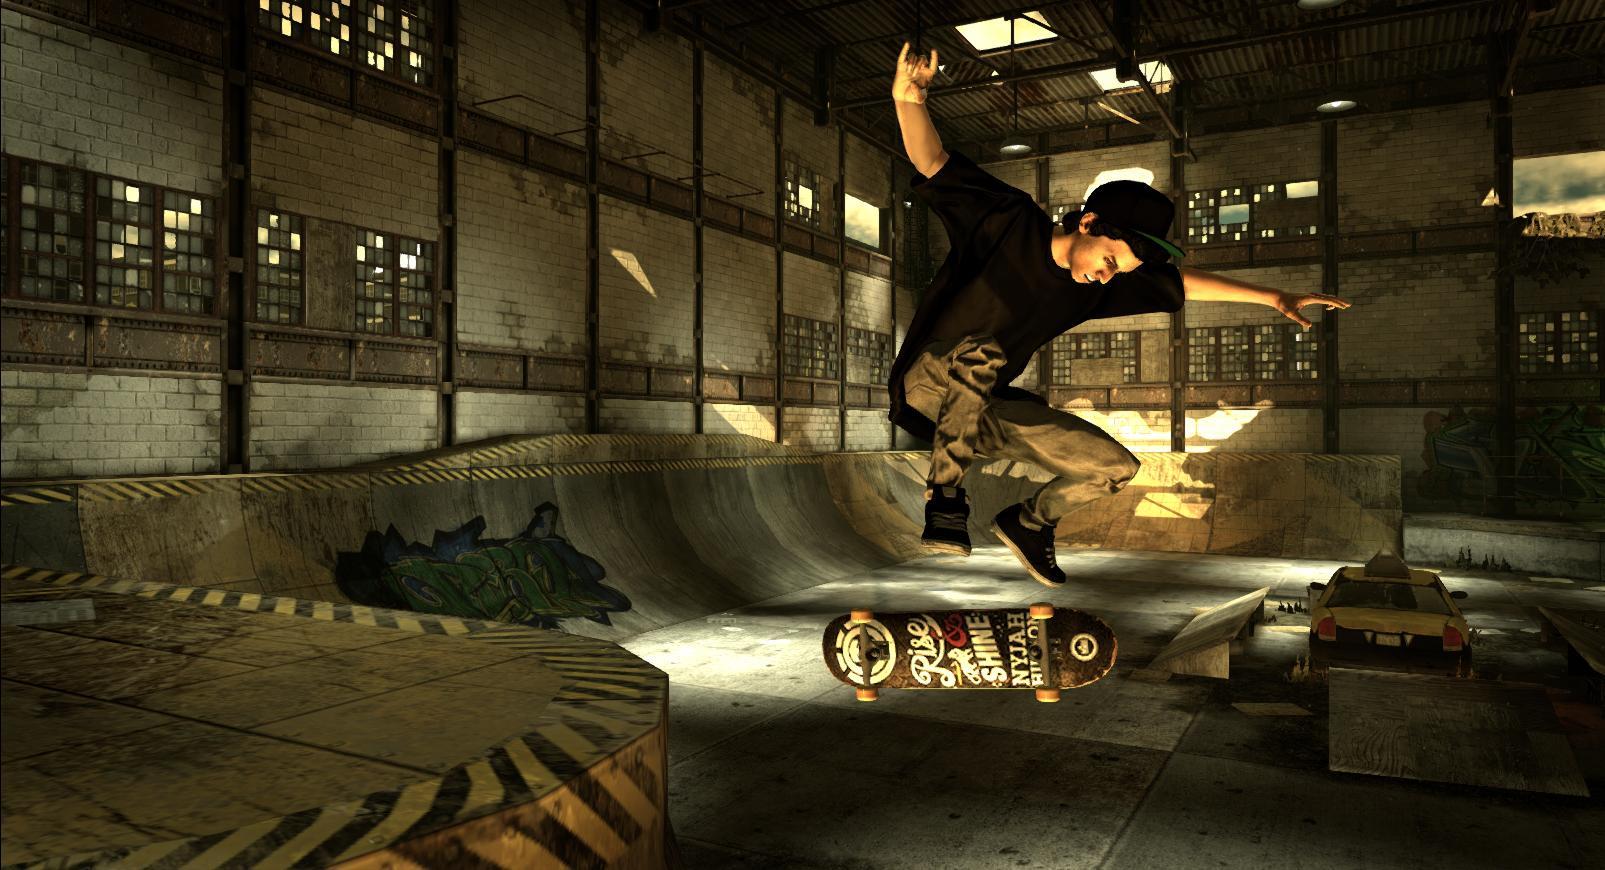 Pro Skater (series)